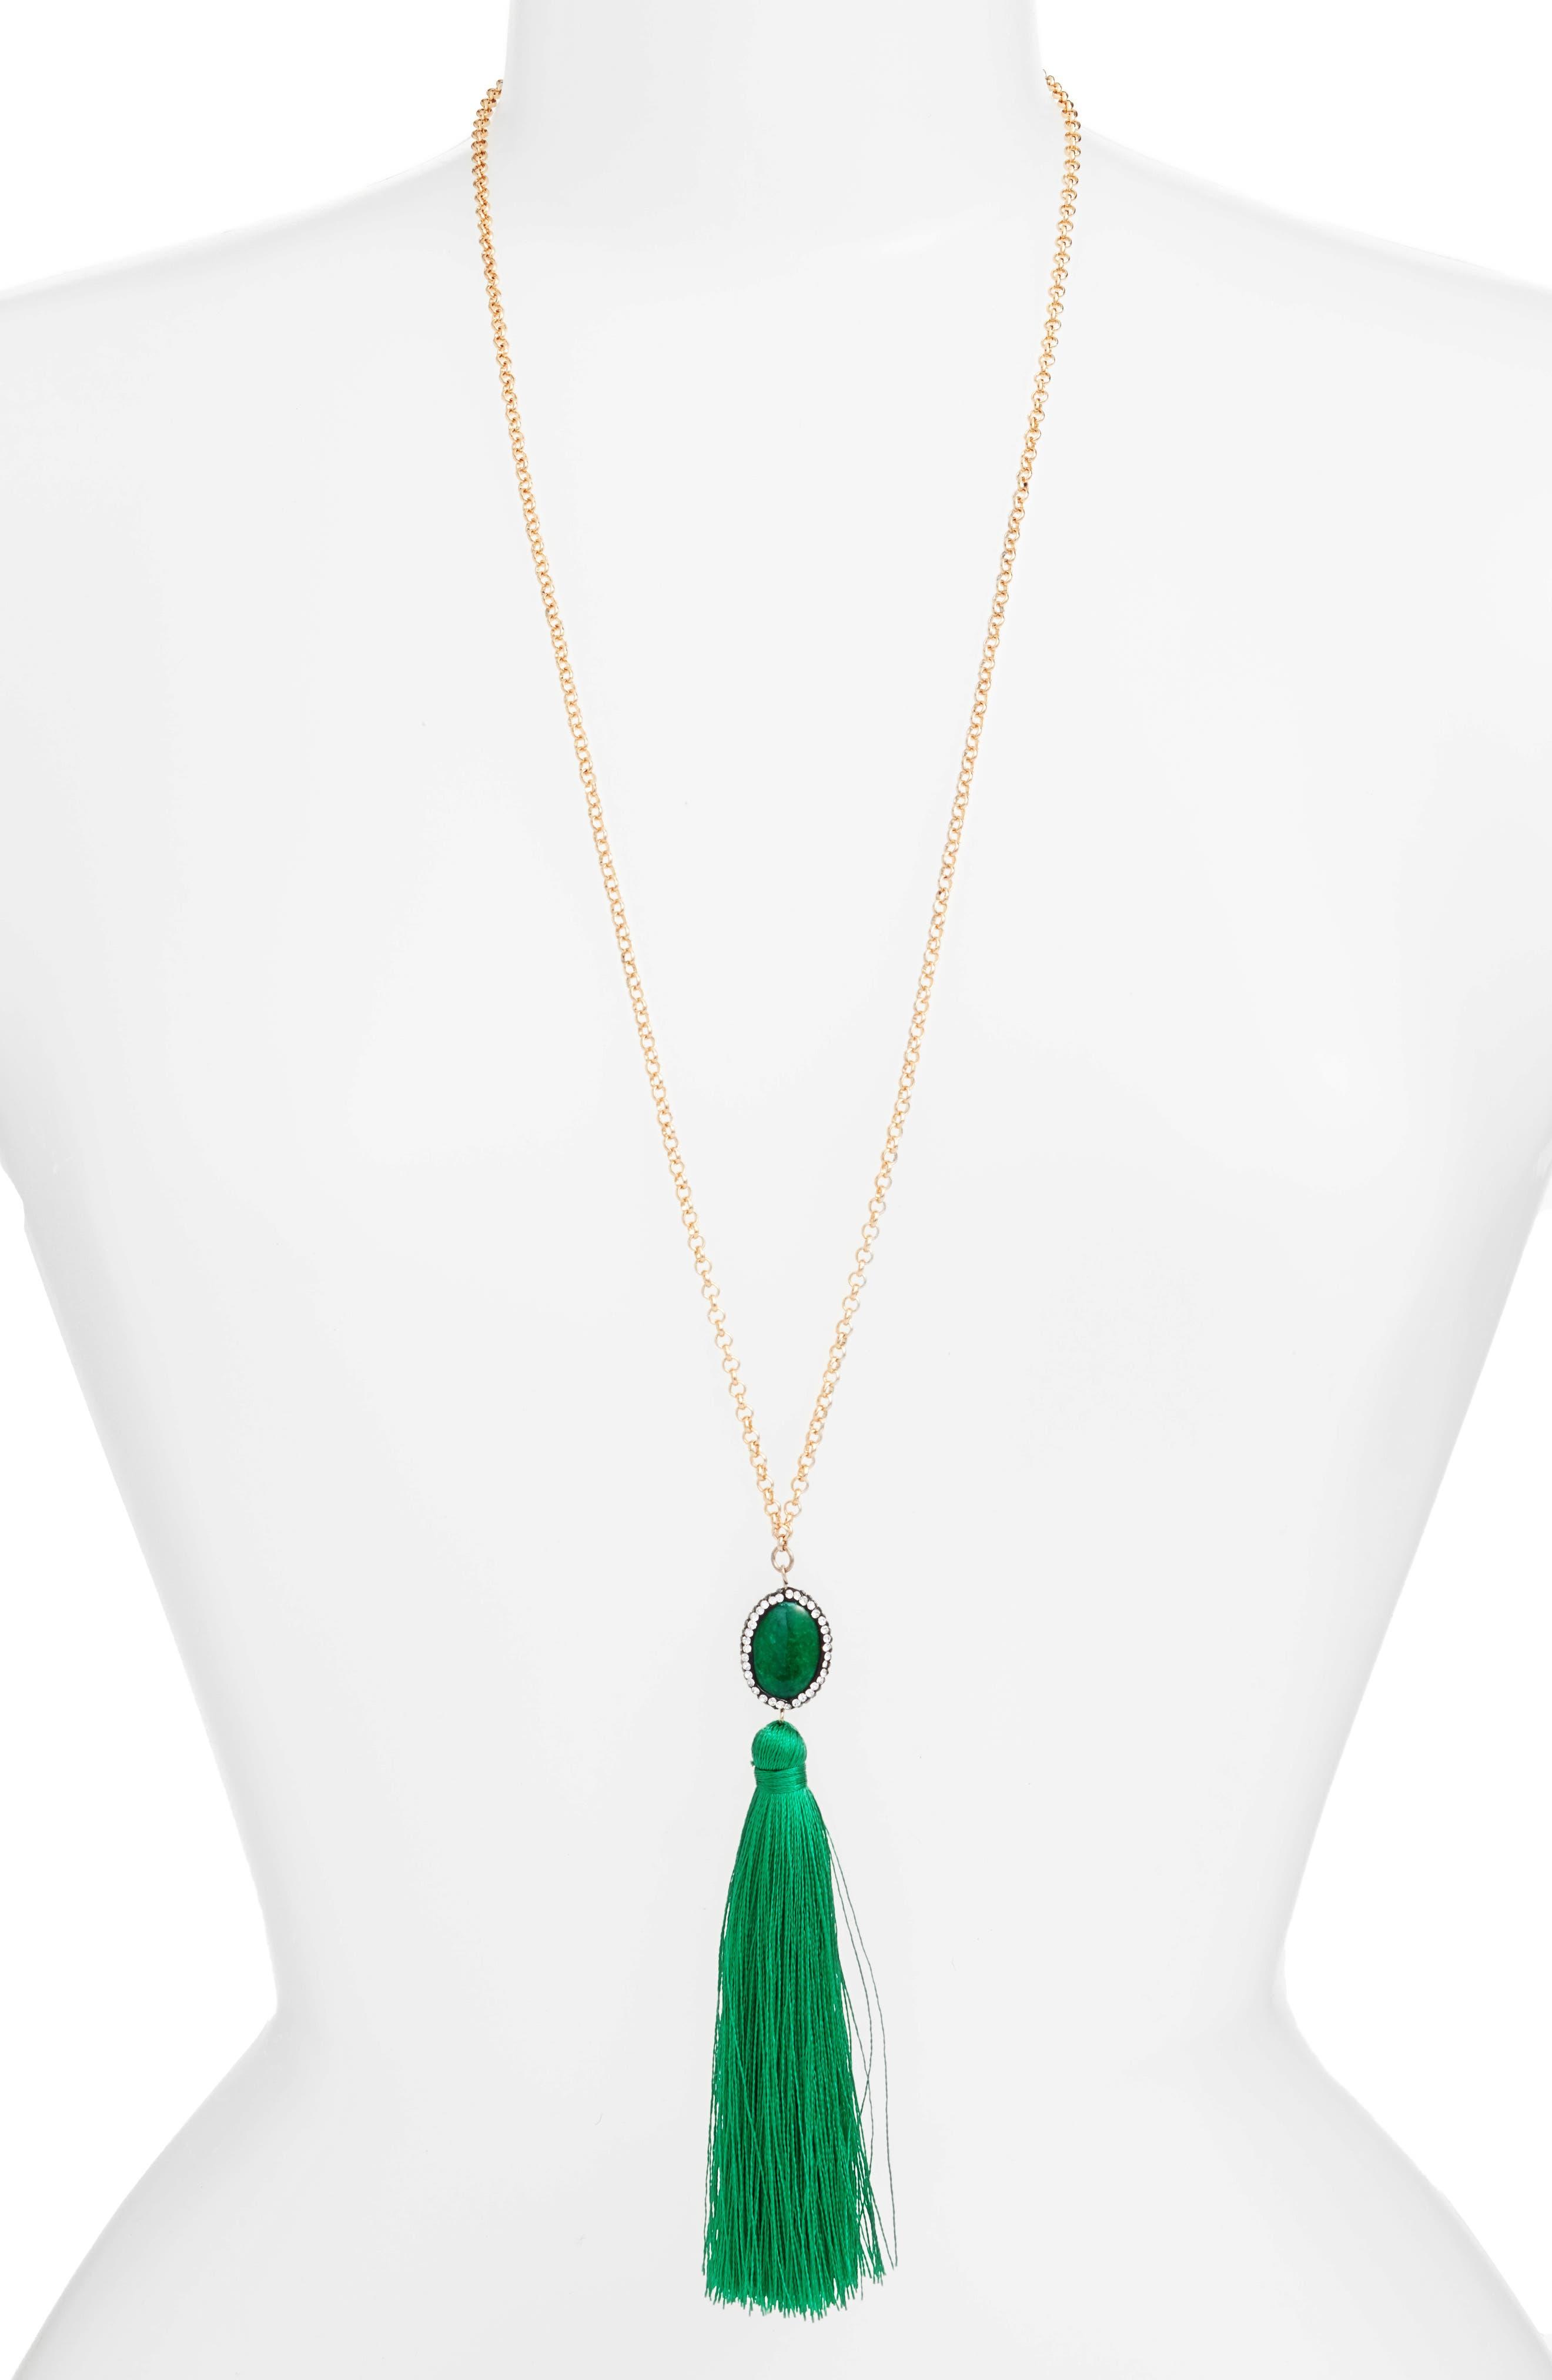 Main Image - Tasha Beaded Tassel Necklace